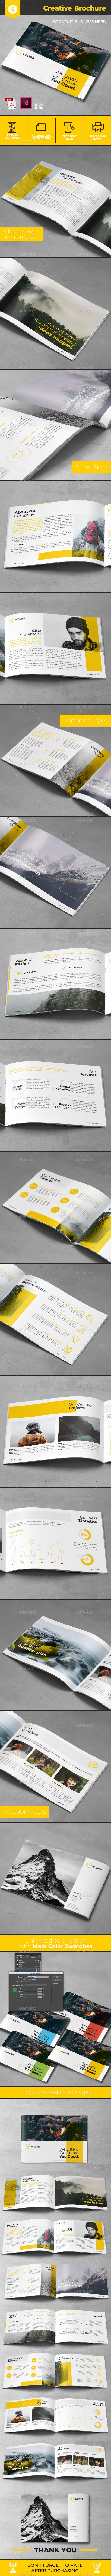 Creative Brochure Template Vol. 21 - A4 Landscape - Corporate Brochures